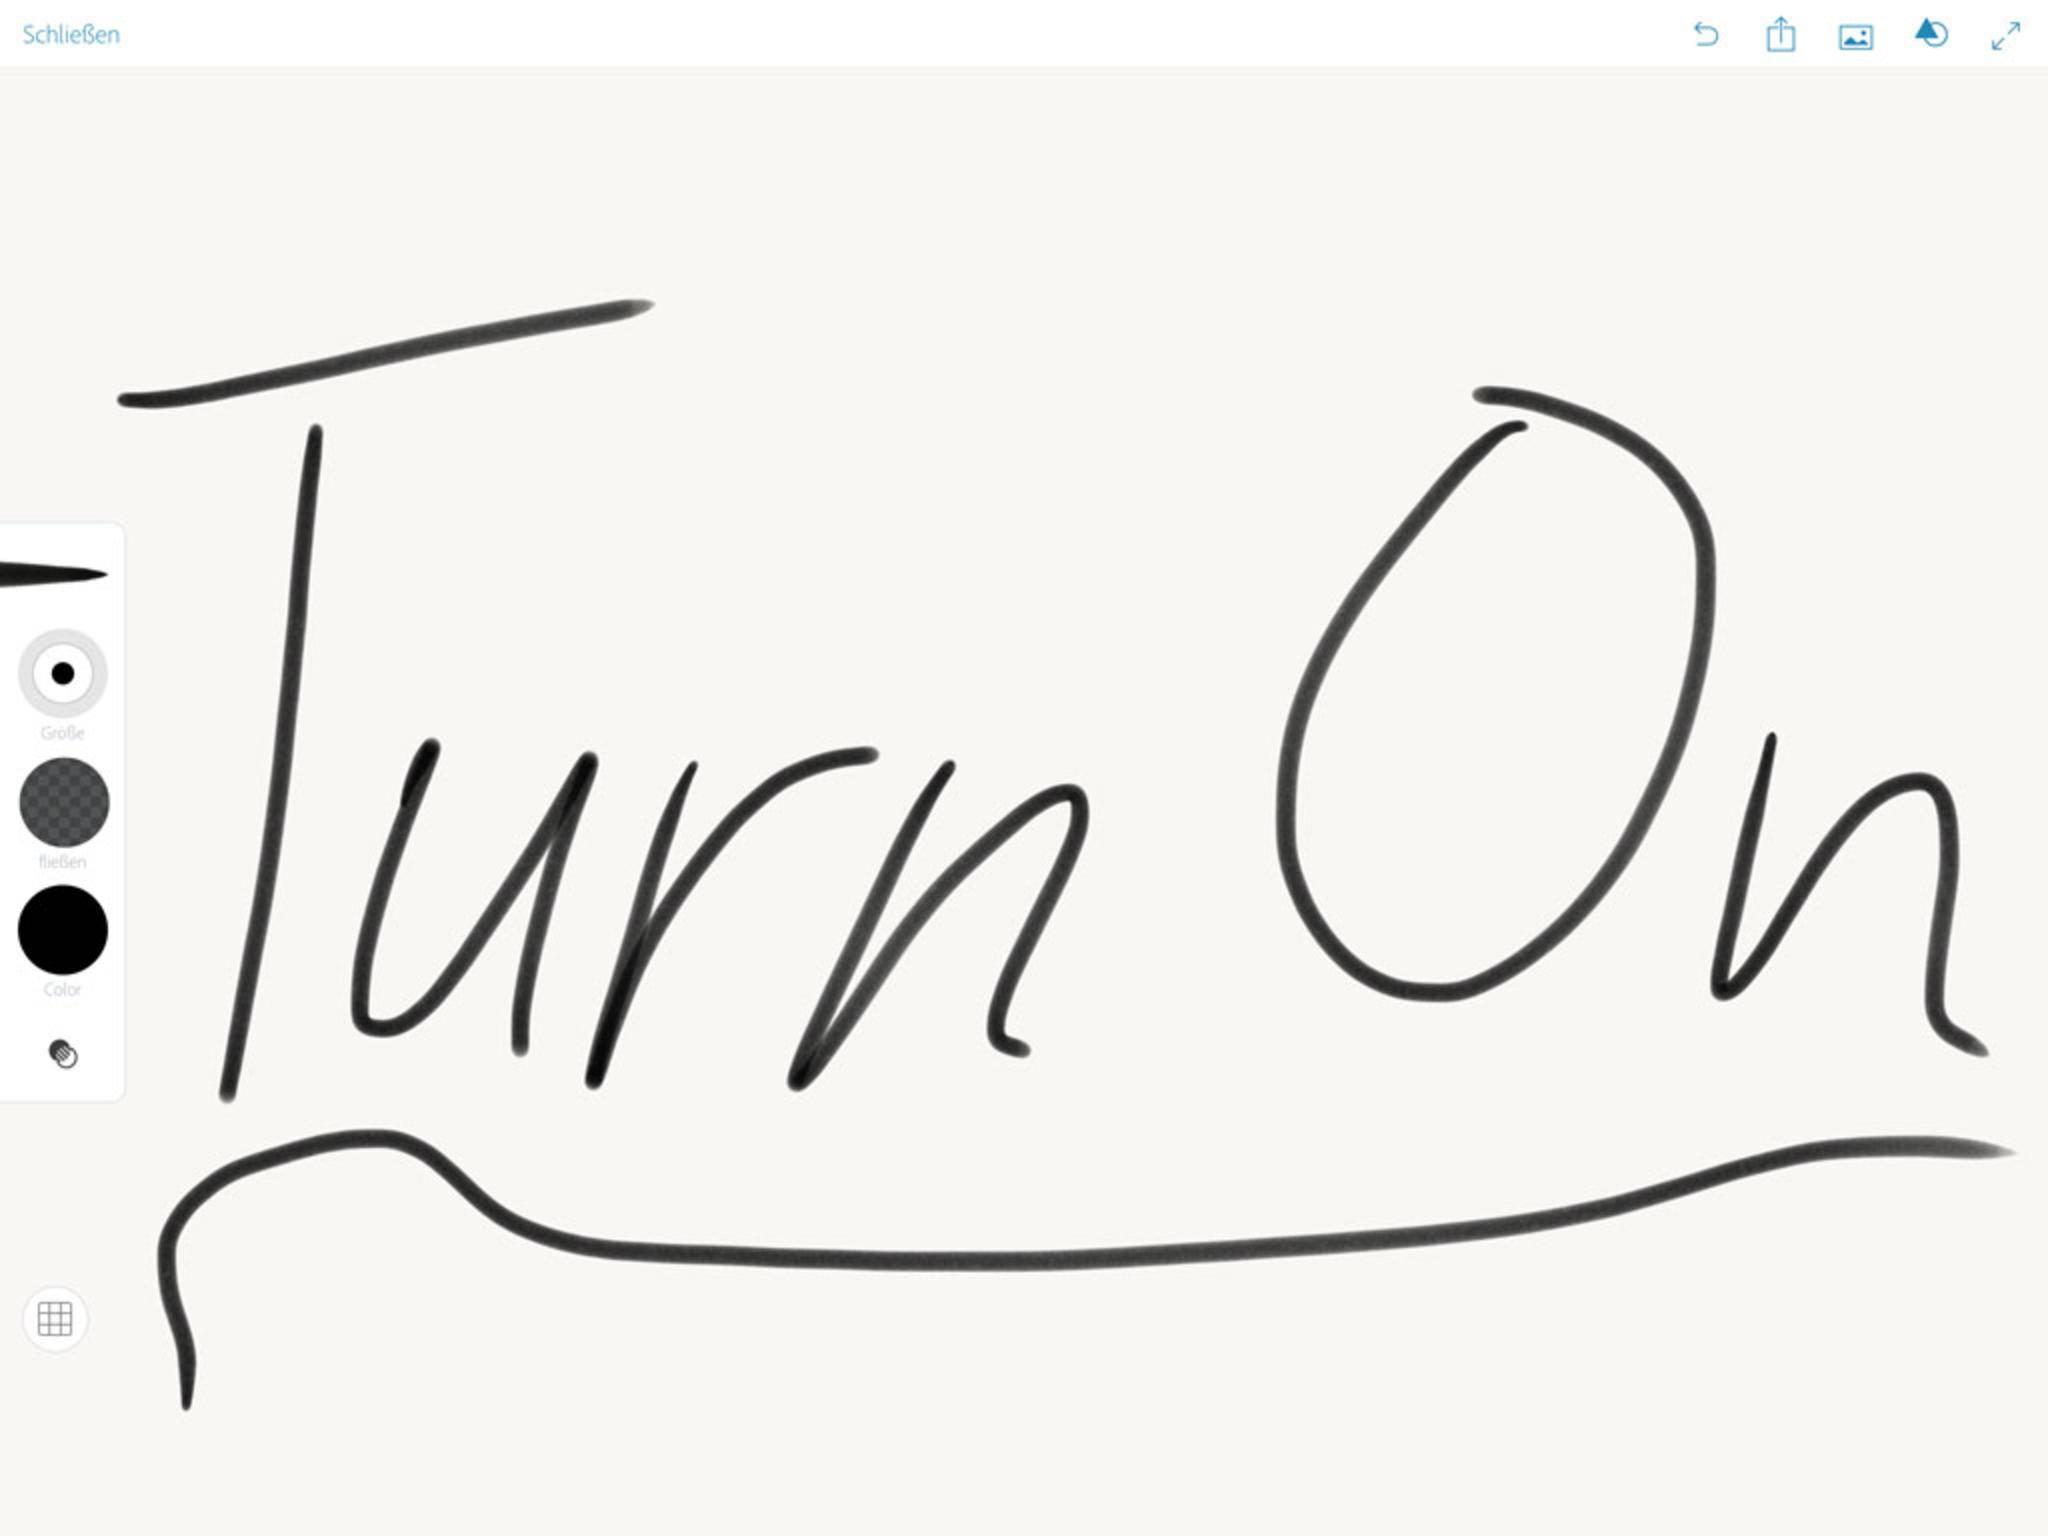 Der Einsatz des Pencils ist besonders in der App Adobe Sketch sinnvoll.